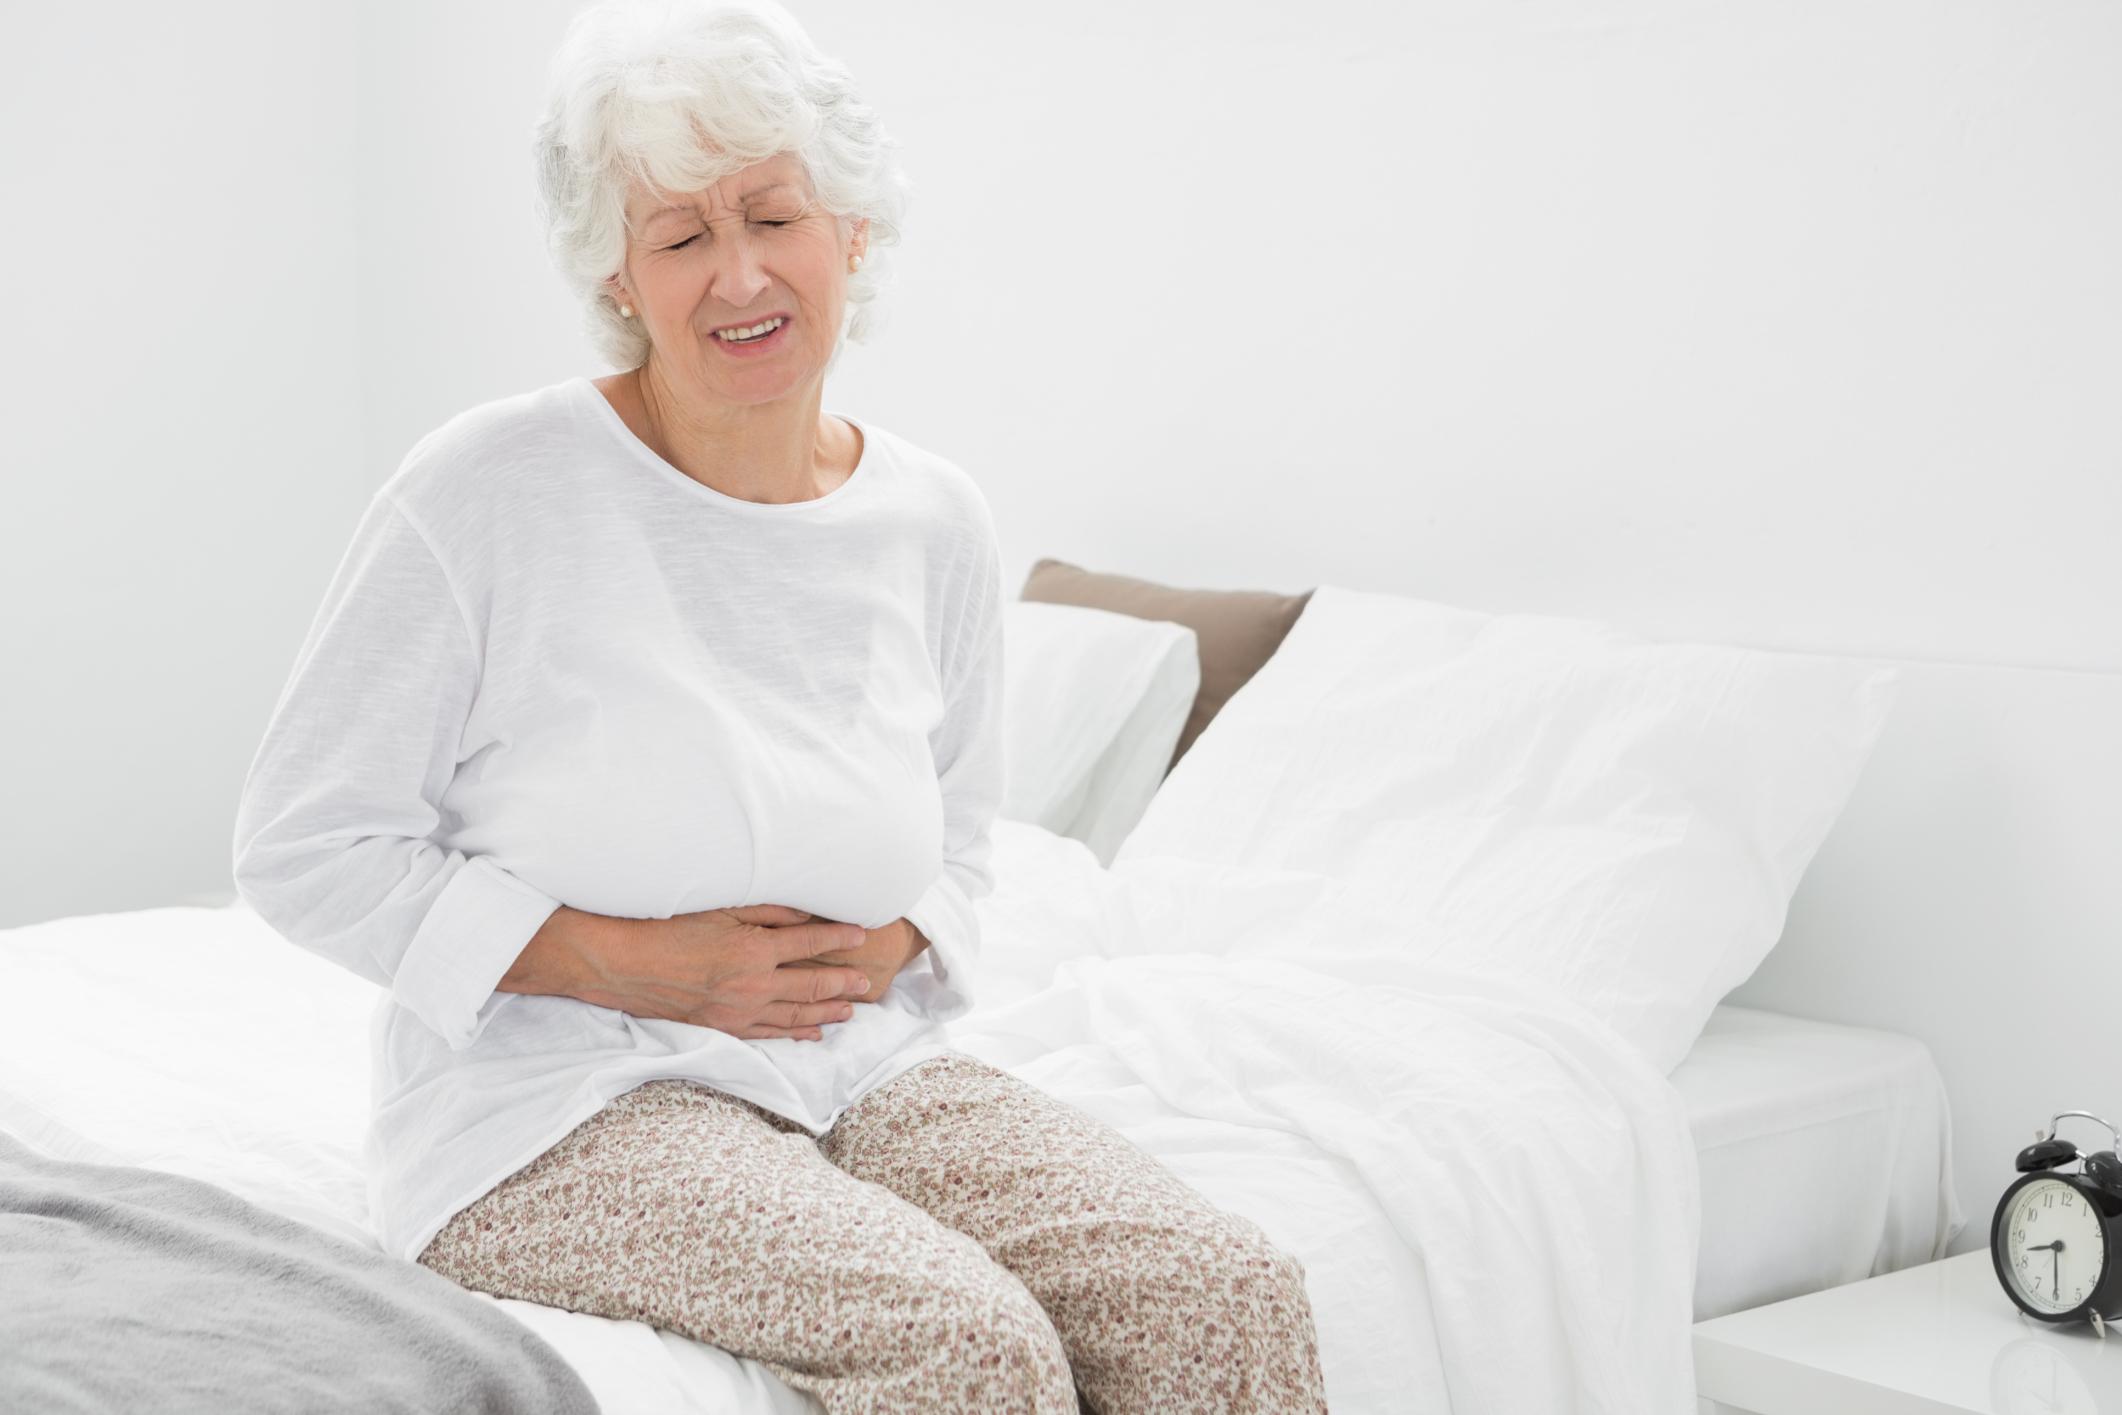 Болезненные менструации у женщины в возрасте